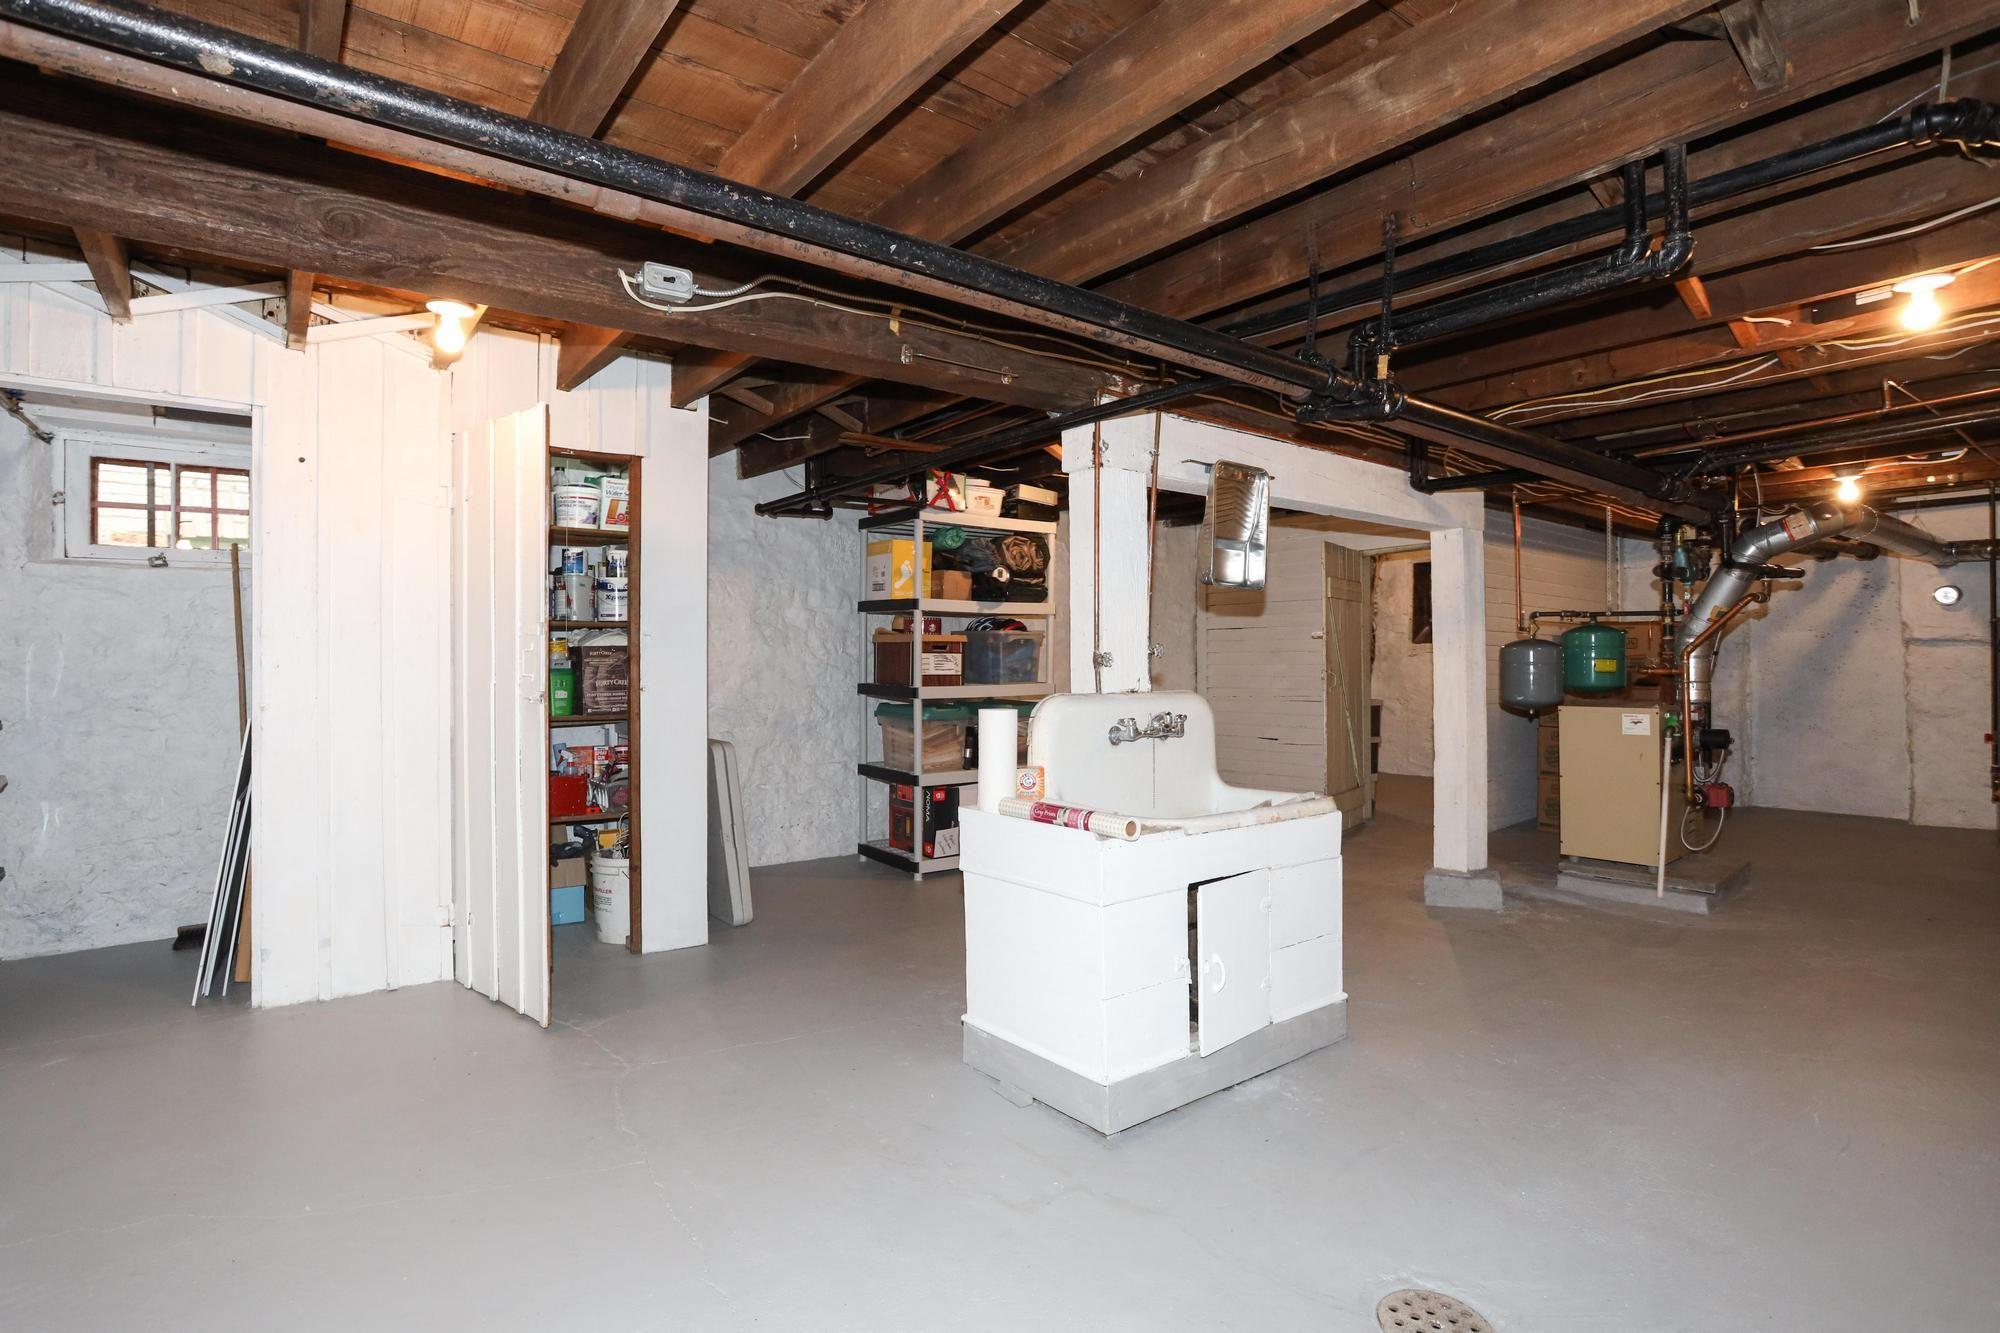 Photo 34: Photos: 35 Lipton Street in Winnipeg: Wolseley Single Family Detached for sale (5B)  : MLS®# 202110486